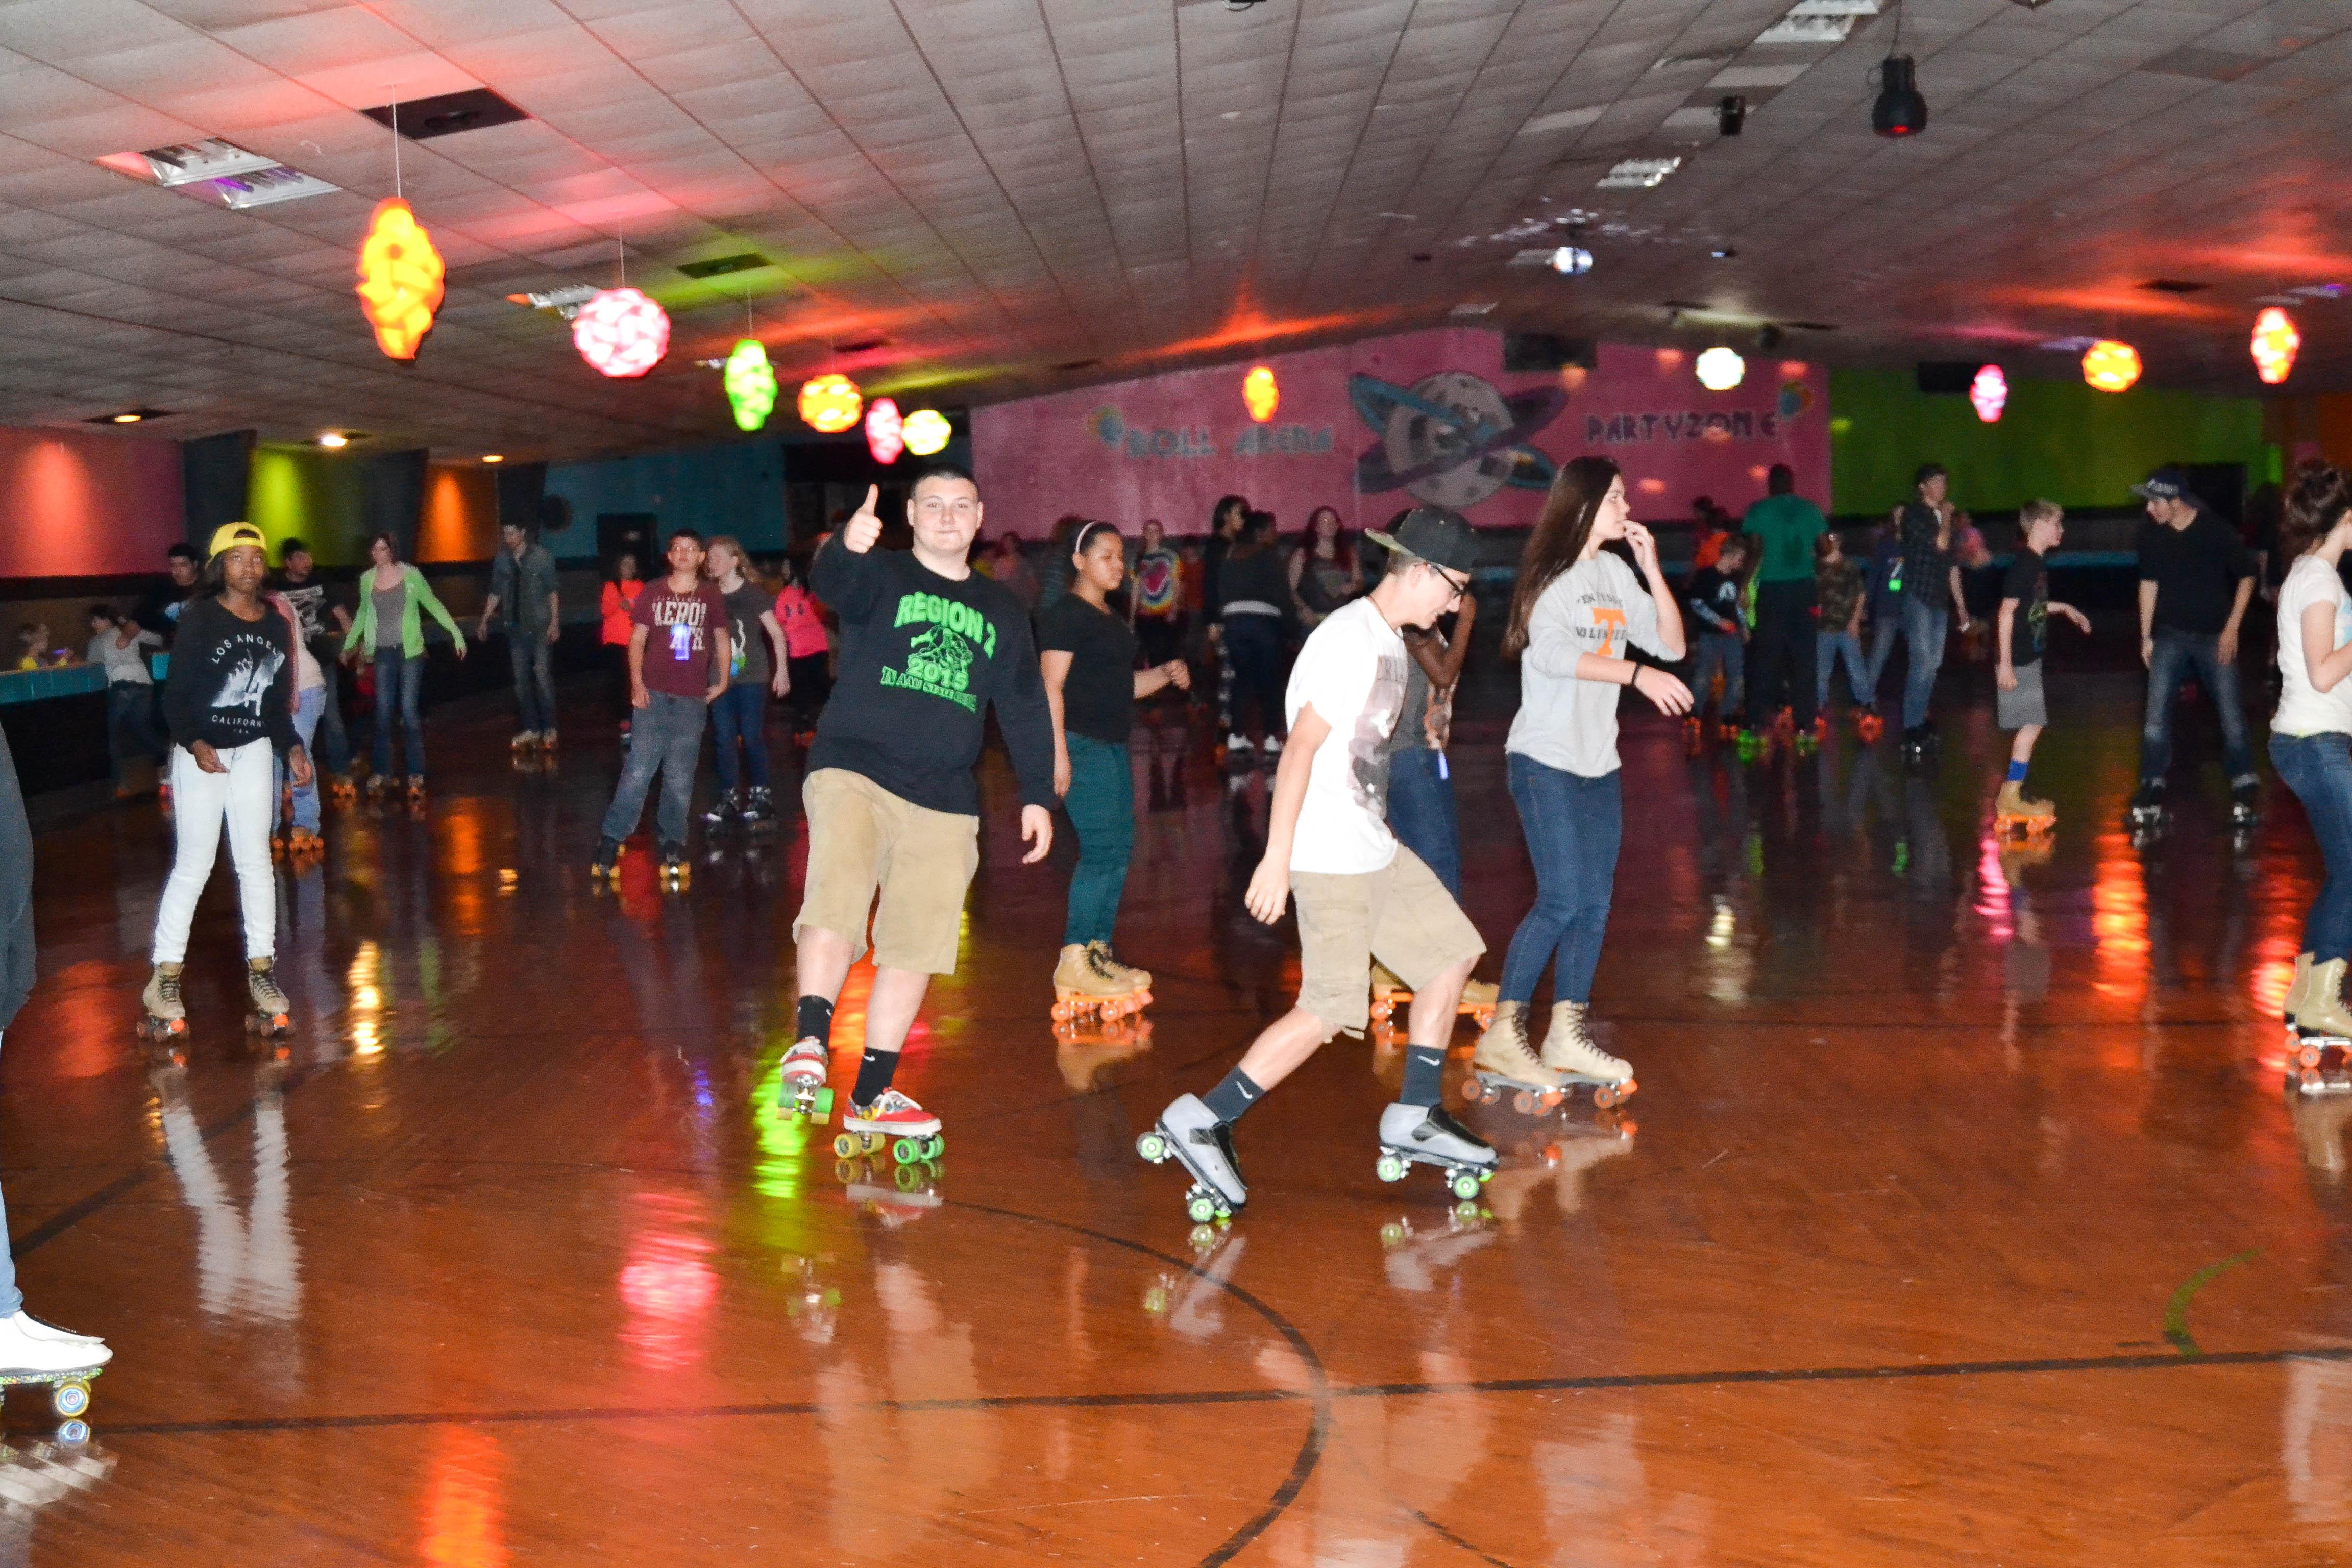 Roller skating rink knoxville - Roller Skating Rink Knoxville 47